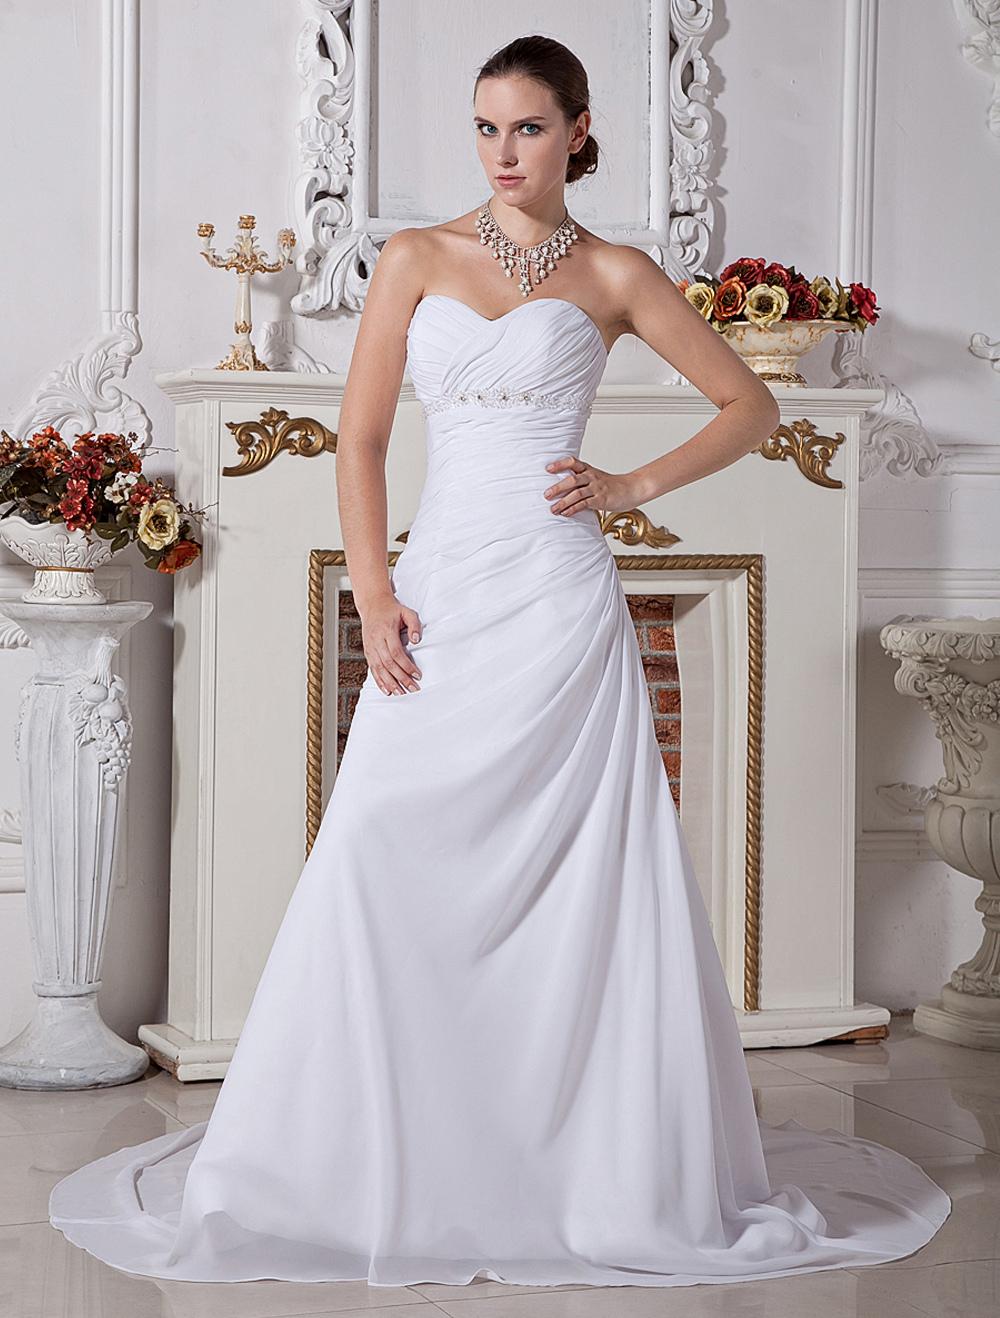 0854a3f35 Vestido de novia con escote en corazón y drapeado lateral de cola larga -  Milanoo.com